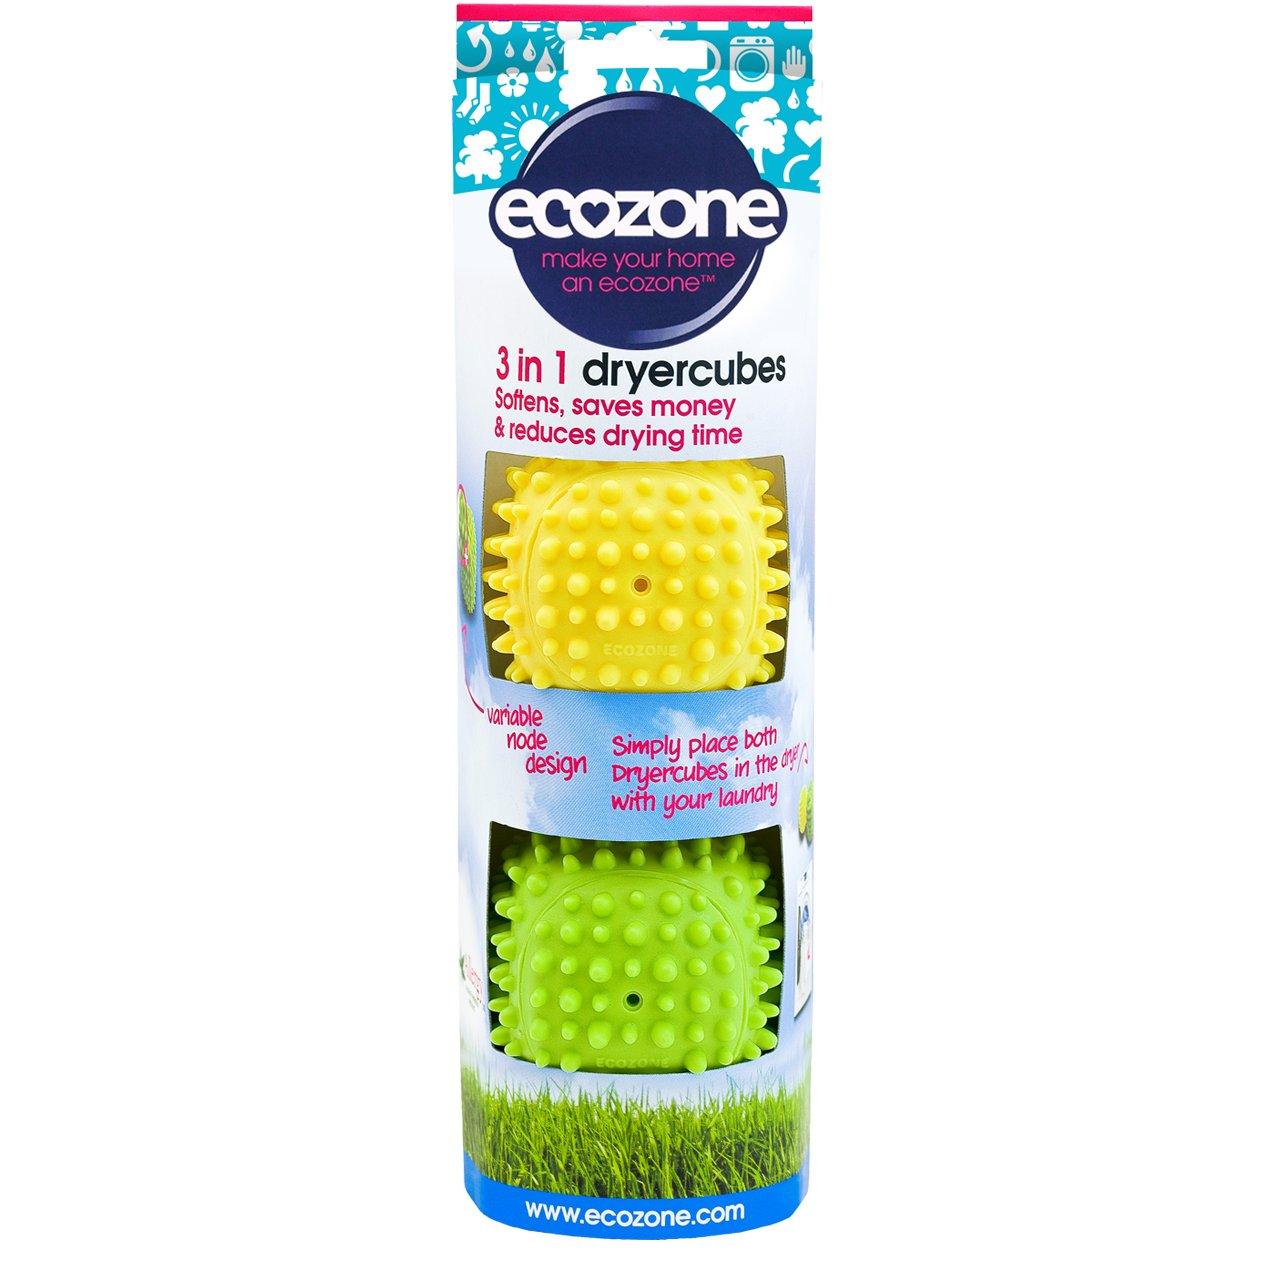 TALLA 2 unidades. Ecozone E2500 - Cubos suavizantes (que aceleran el secado de la ropa)